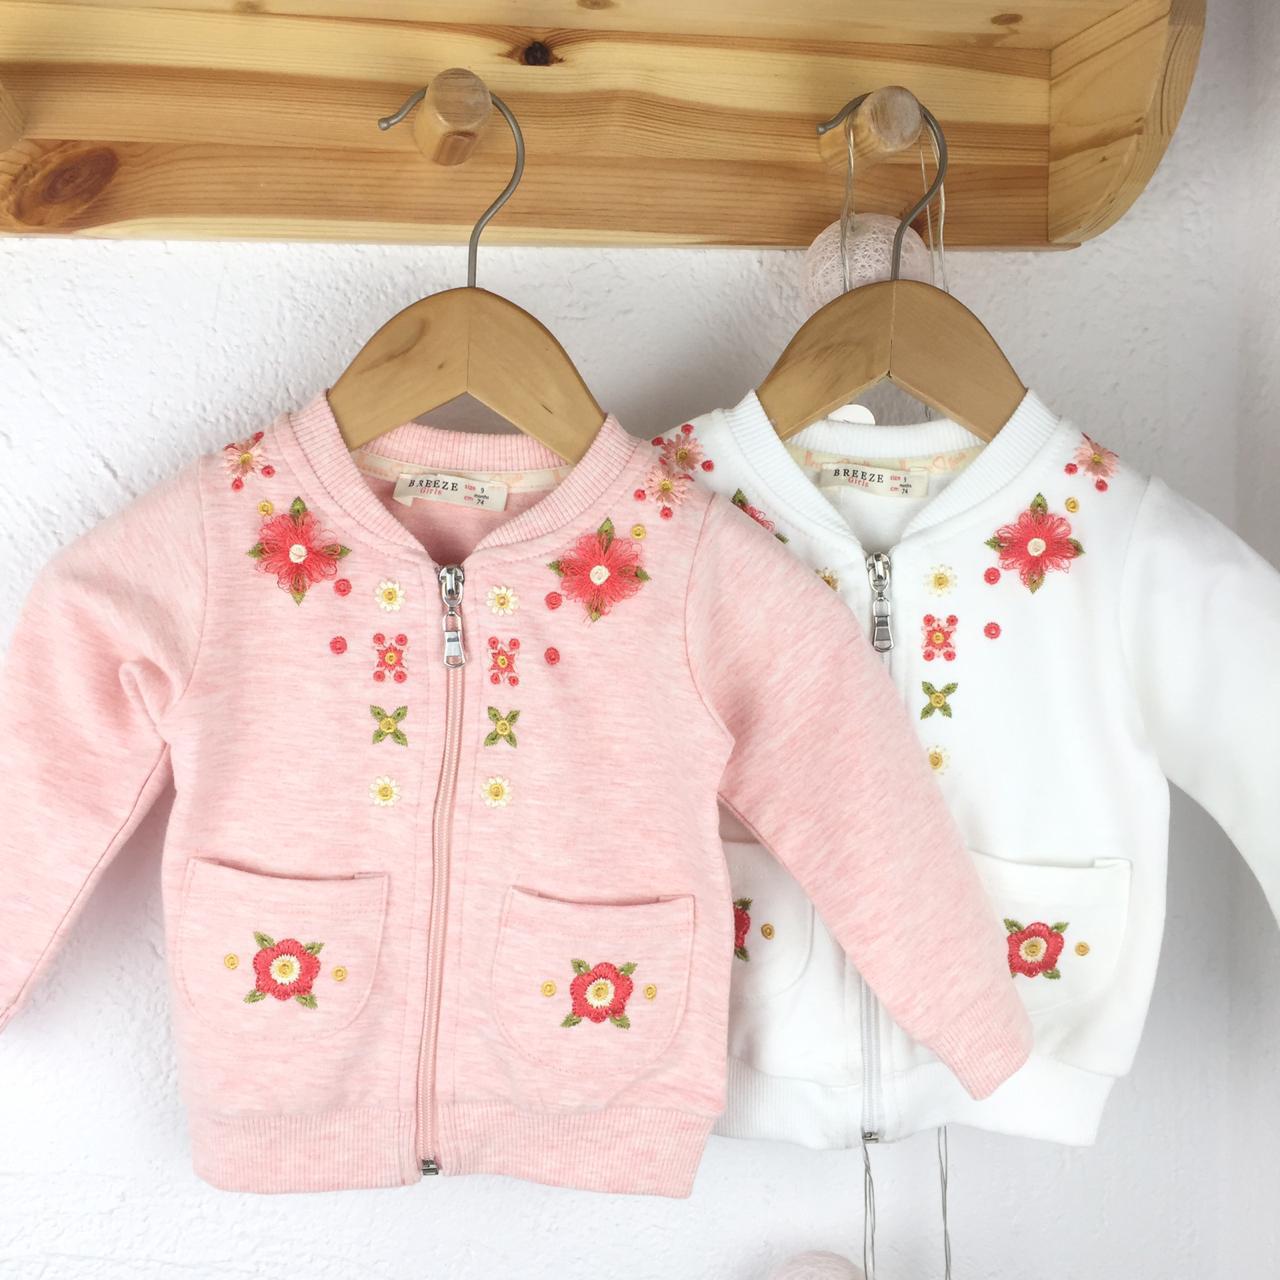 №16021 Жакет для дево. на замке с вышивкой бел/роз цв. 74-98 см 13177